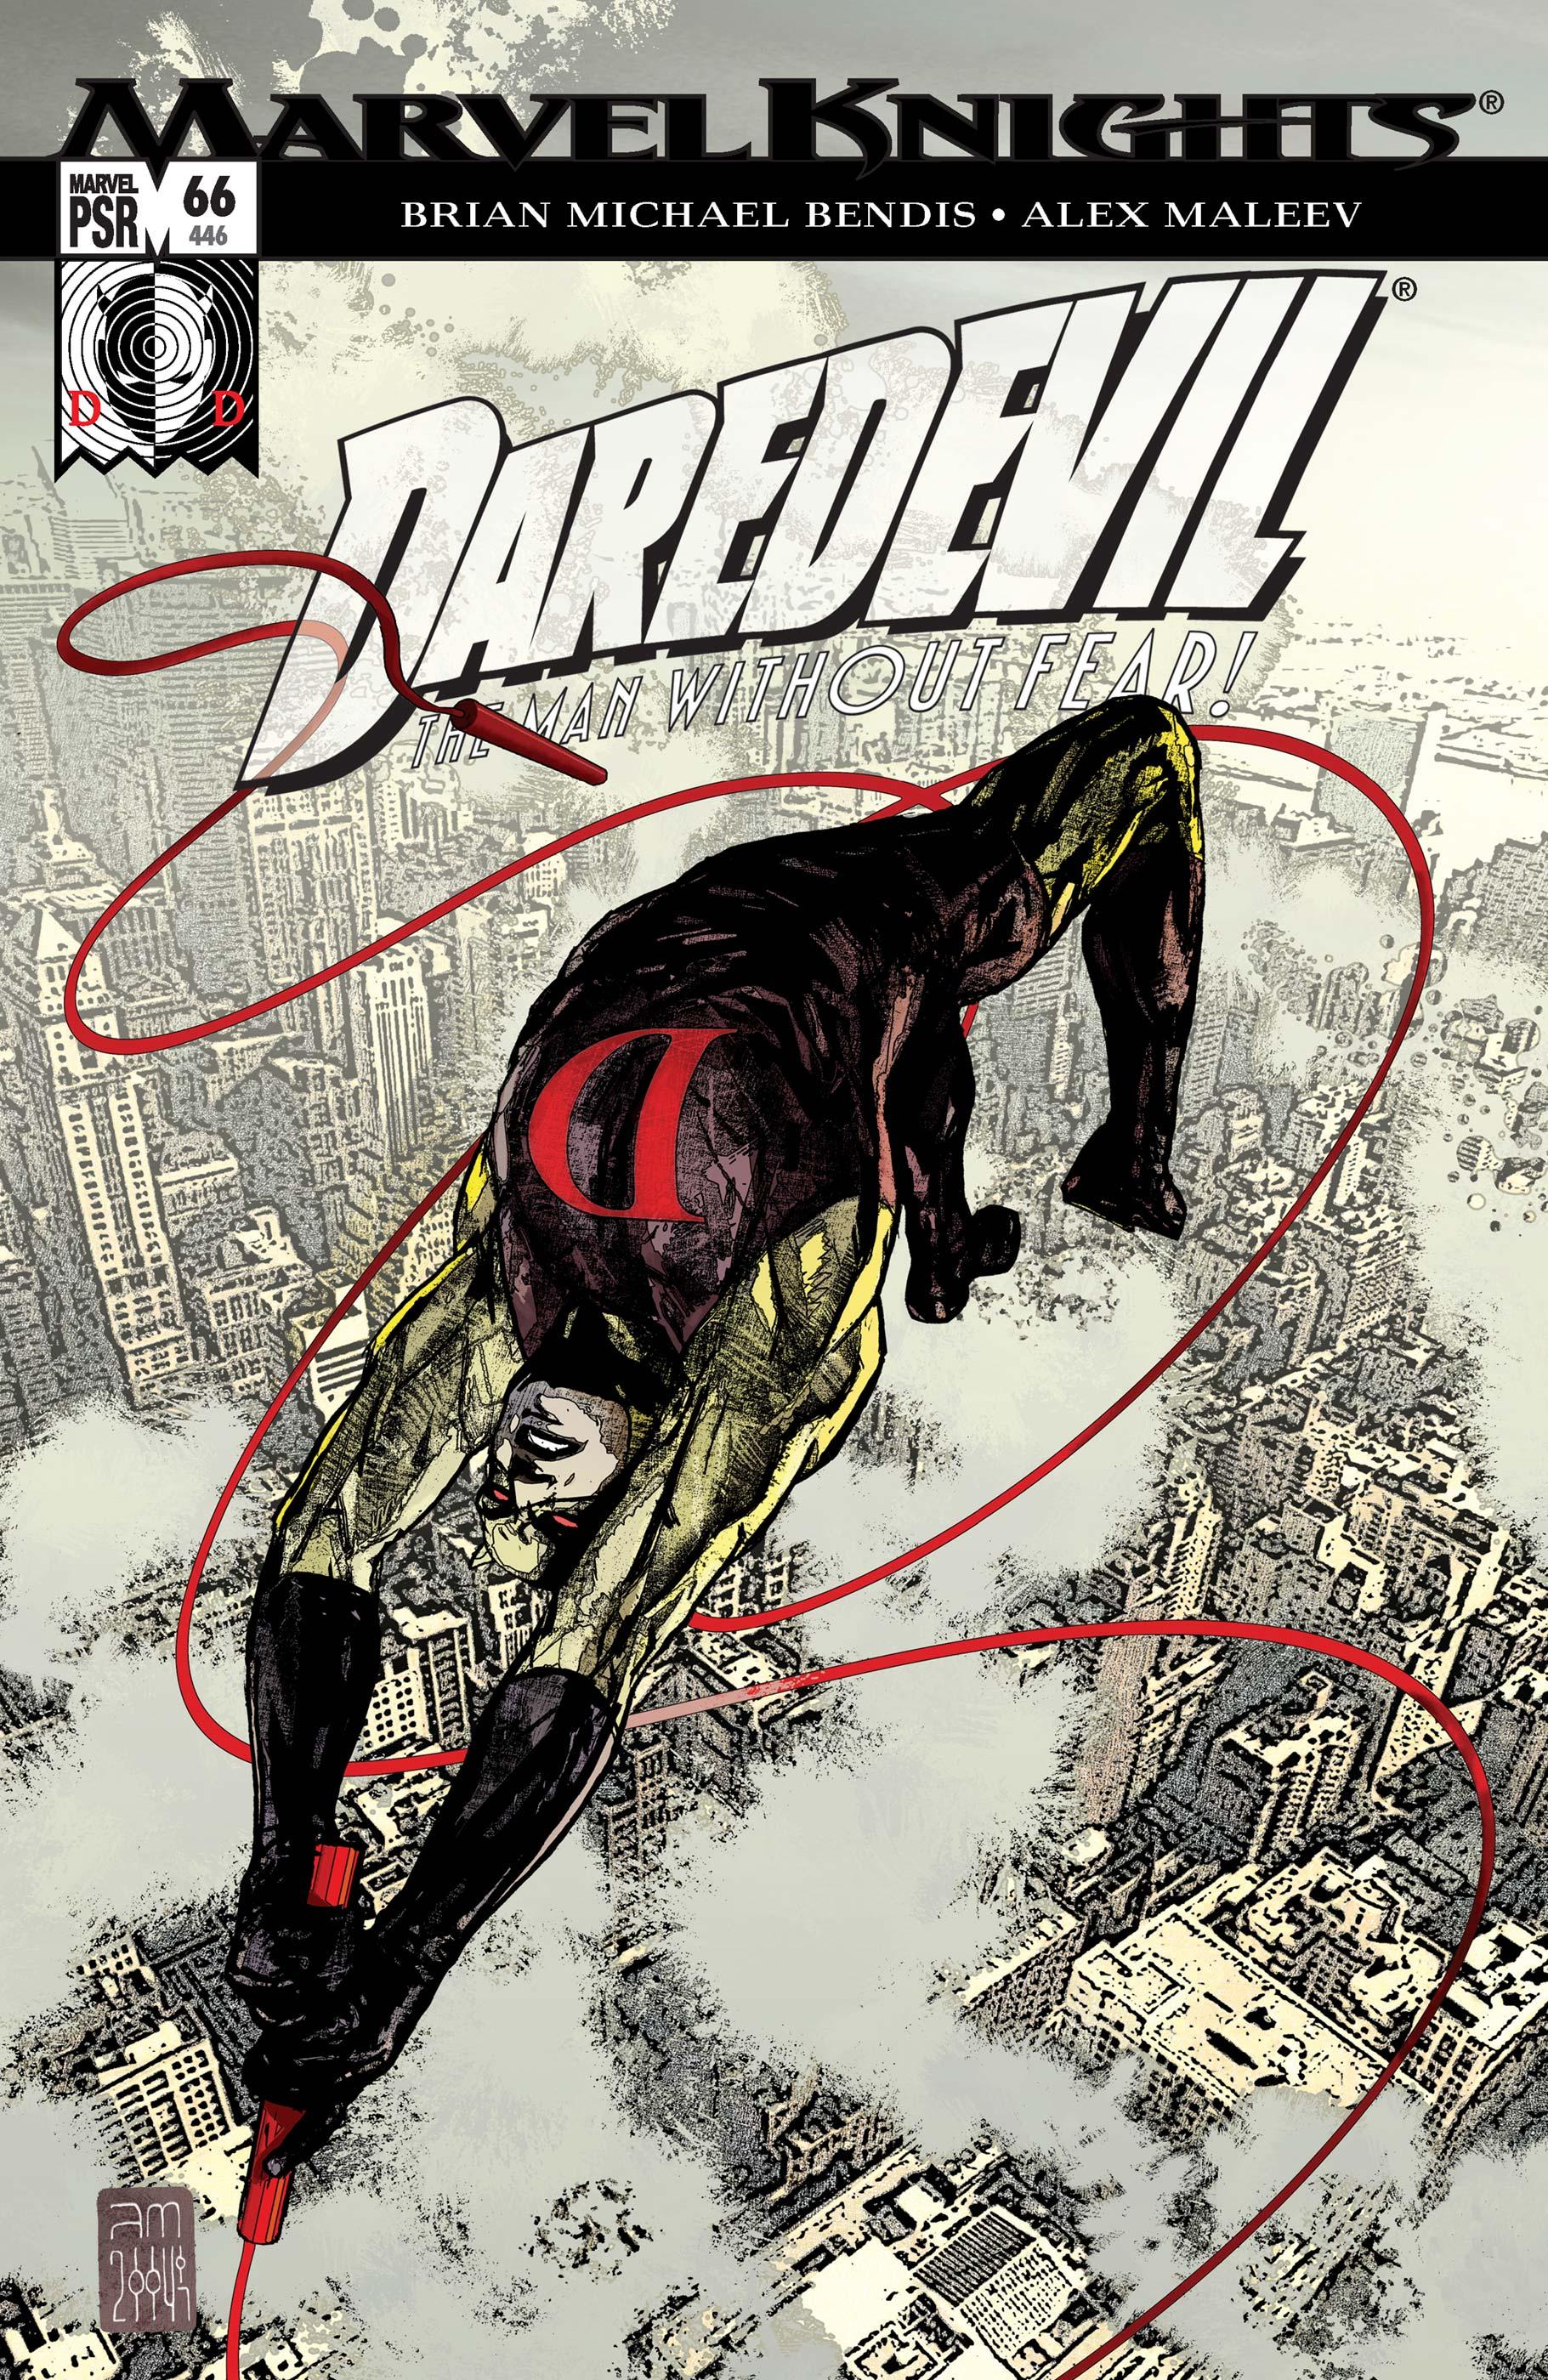 Daredevil (1998) #66